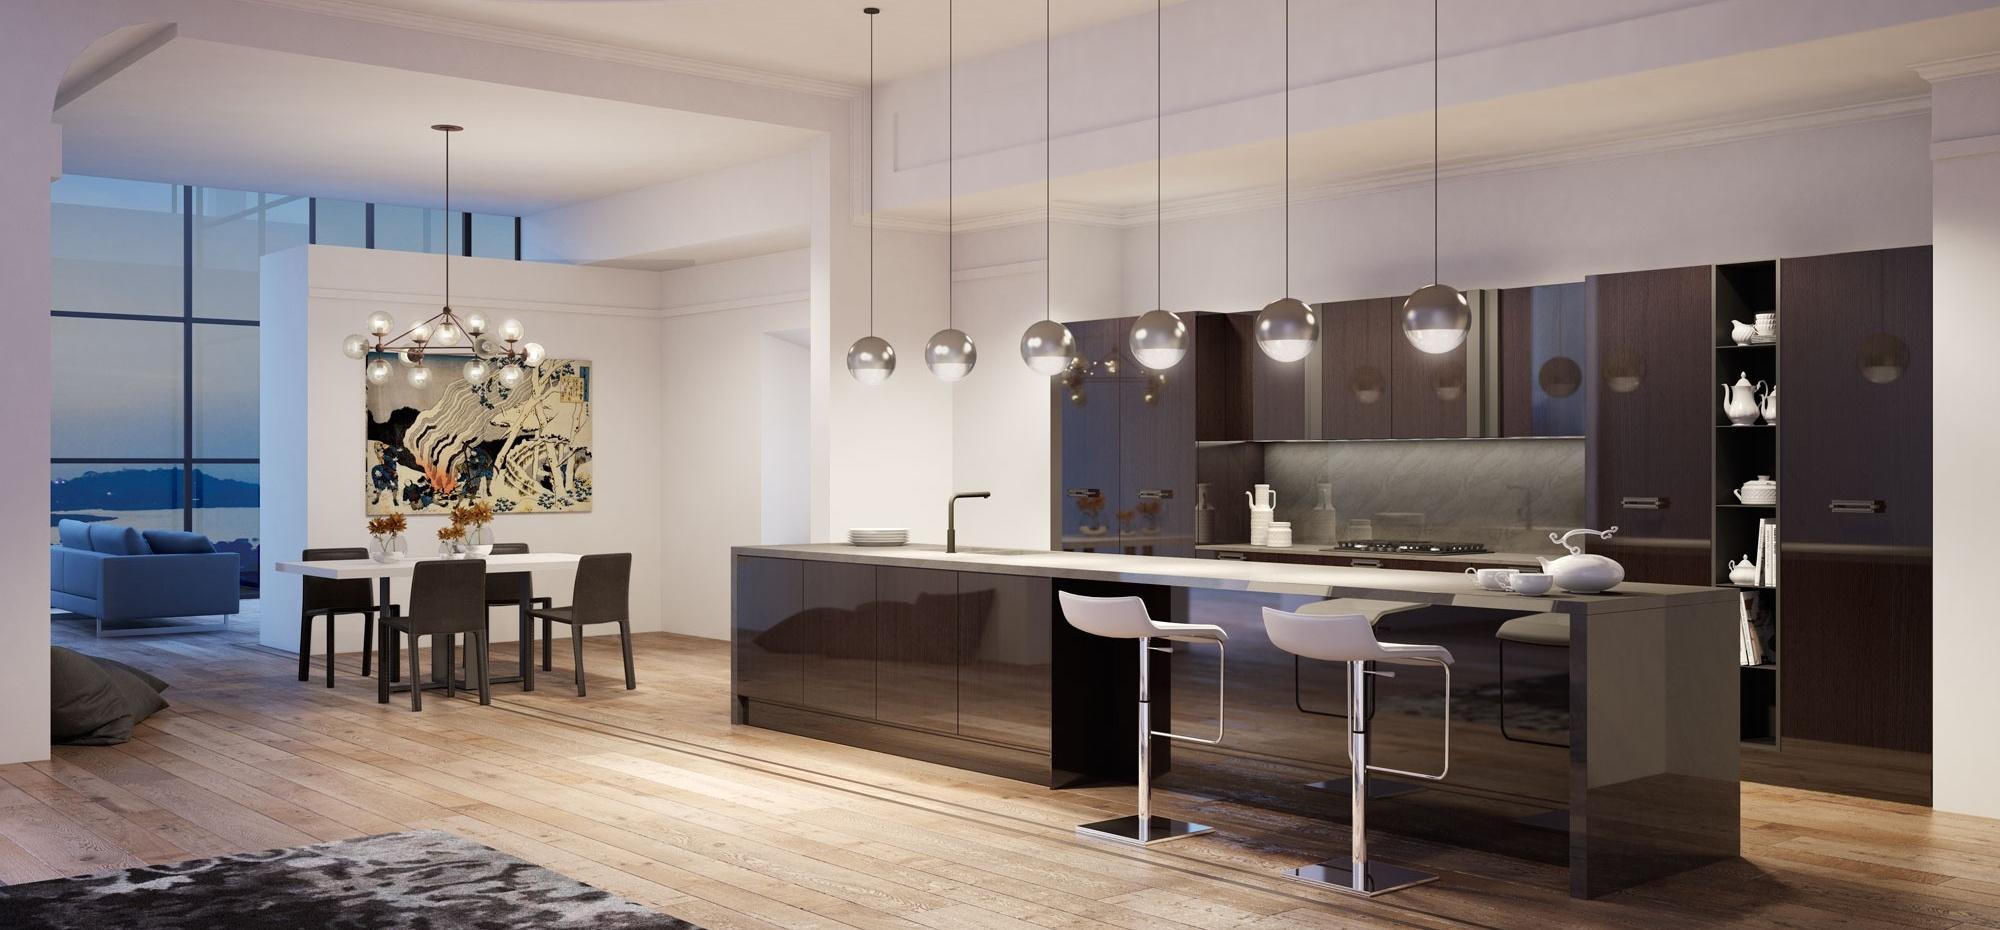 Cucina In Stile Moderno Isola Legno : Ispirazioni di cucine soggiorni e altri ambienti interni